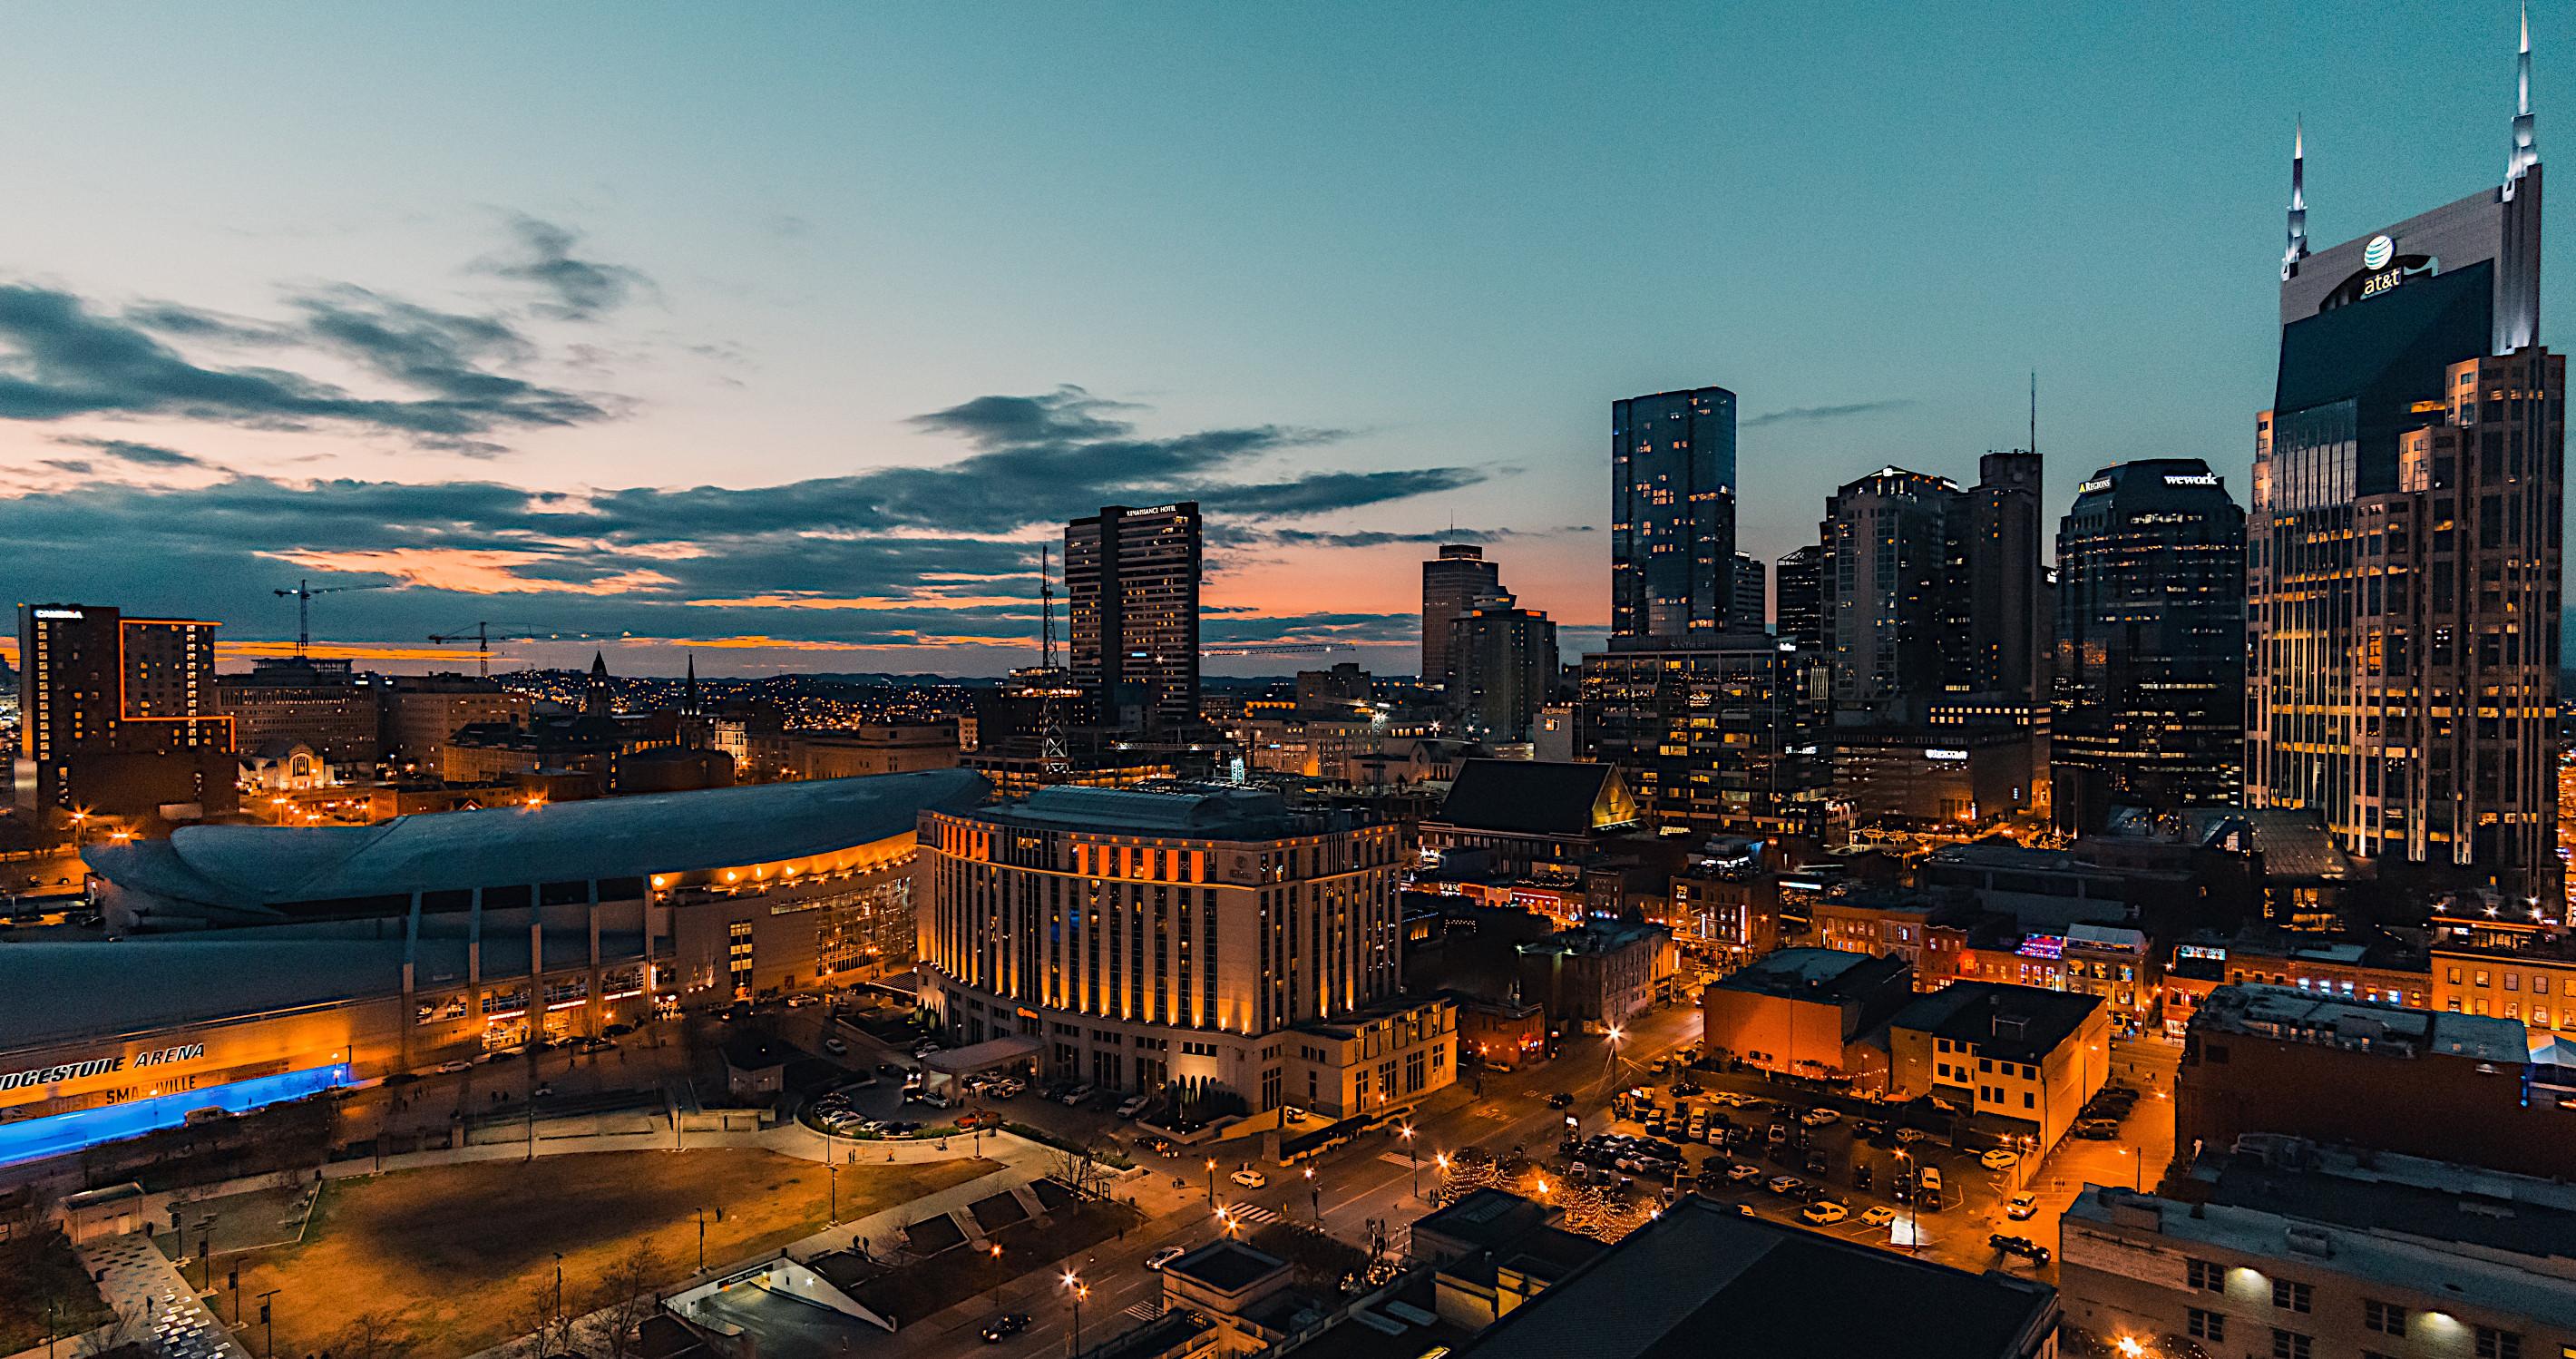 The Nashville skyline by night